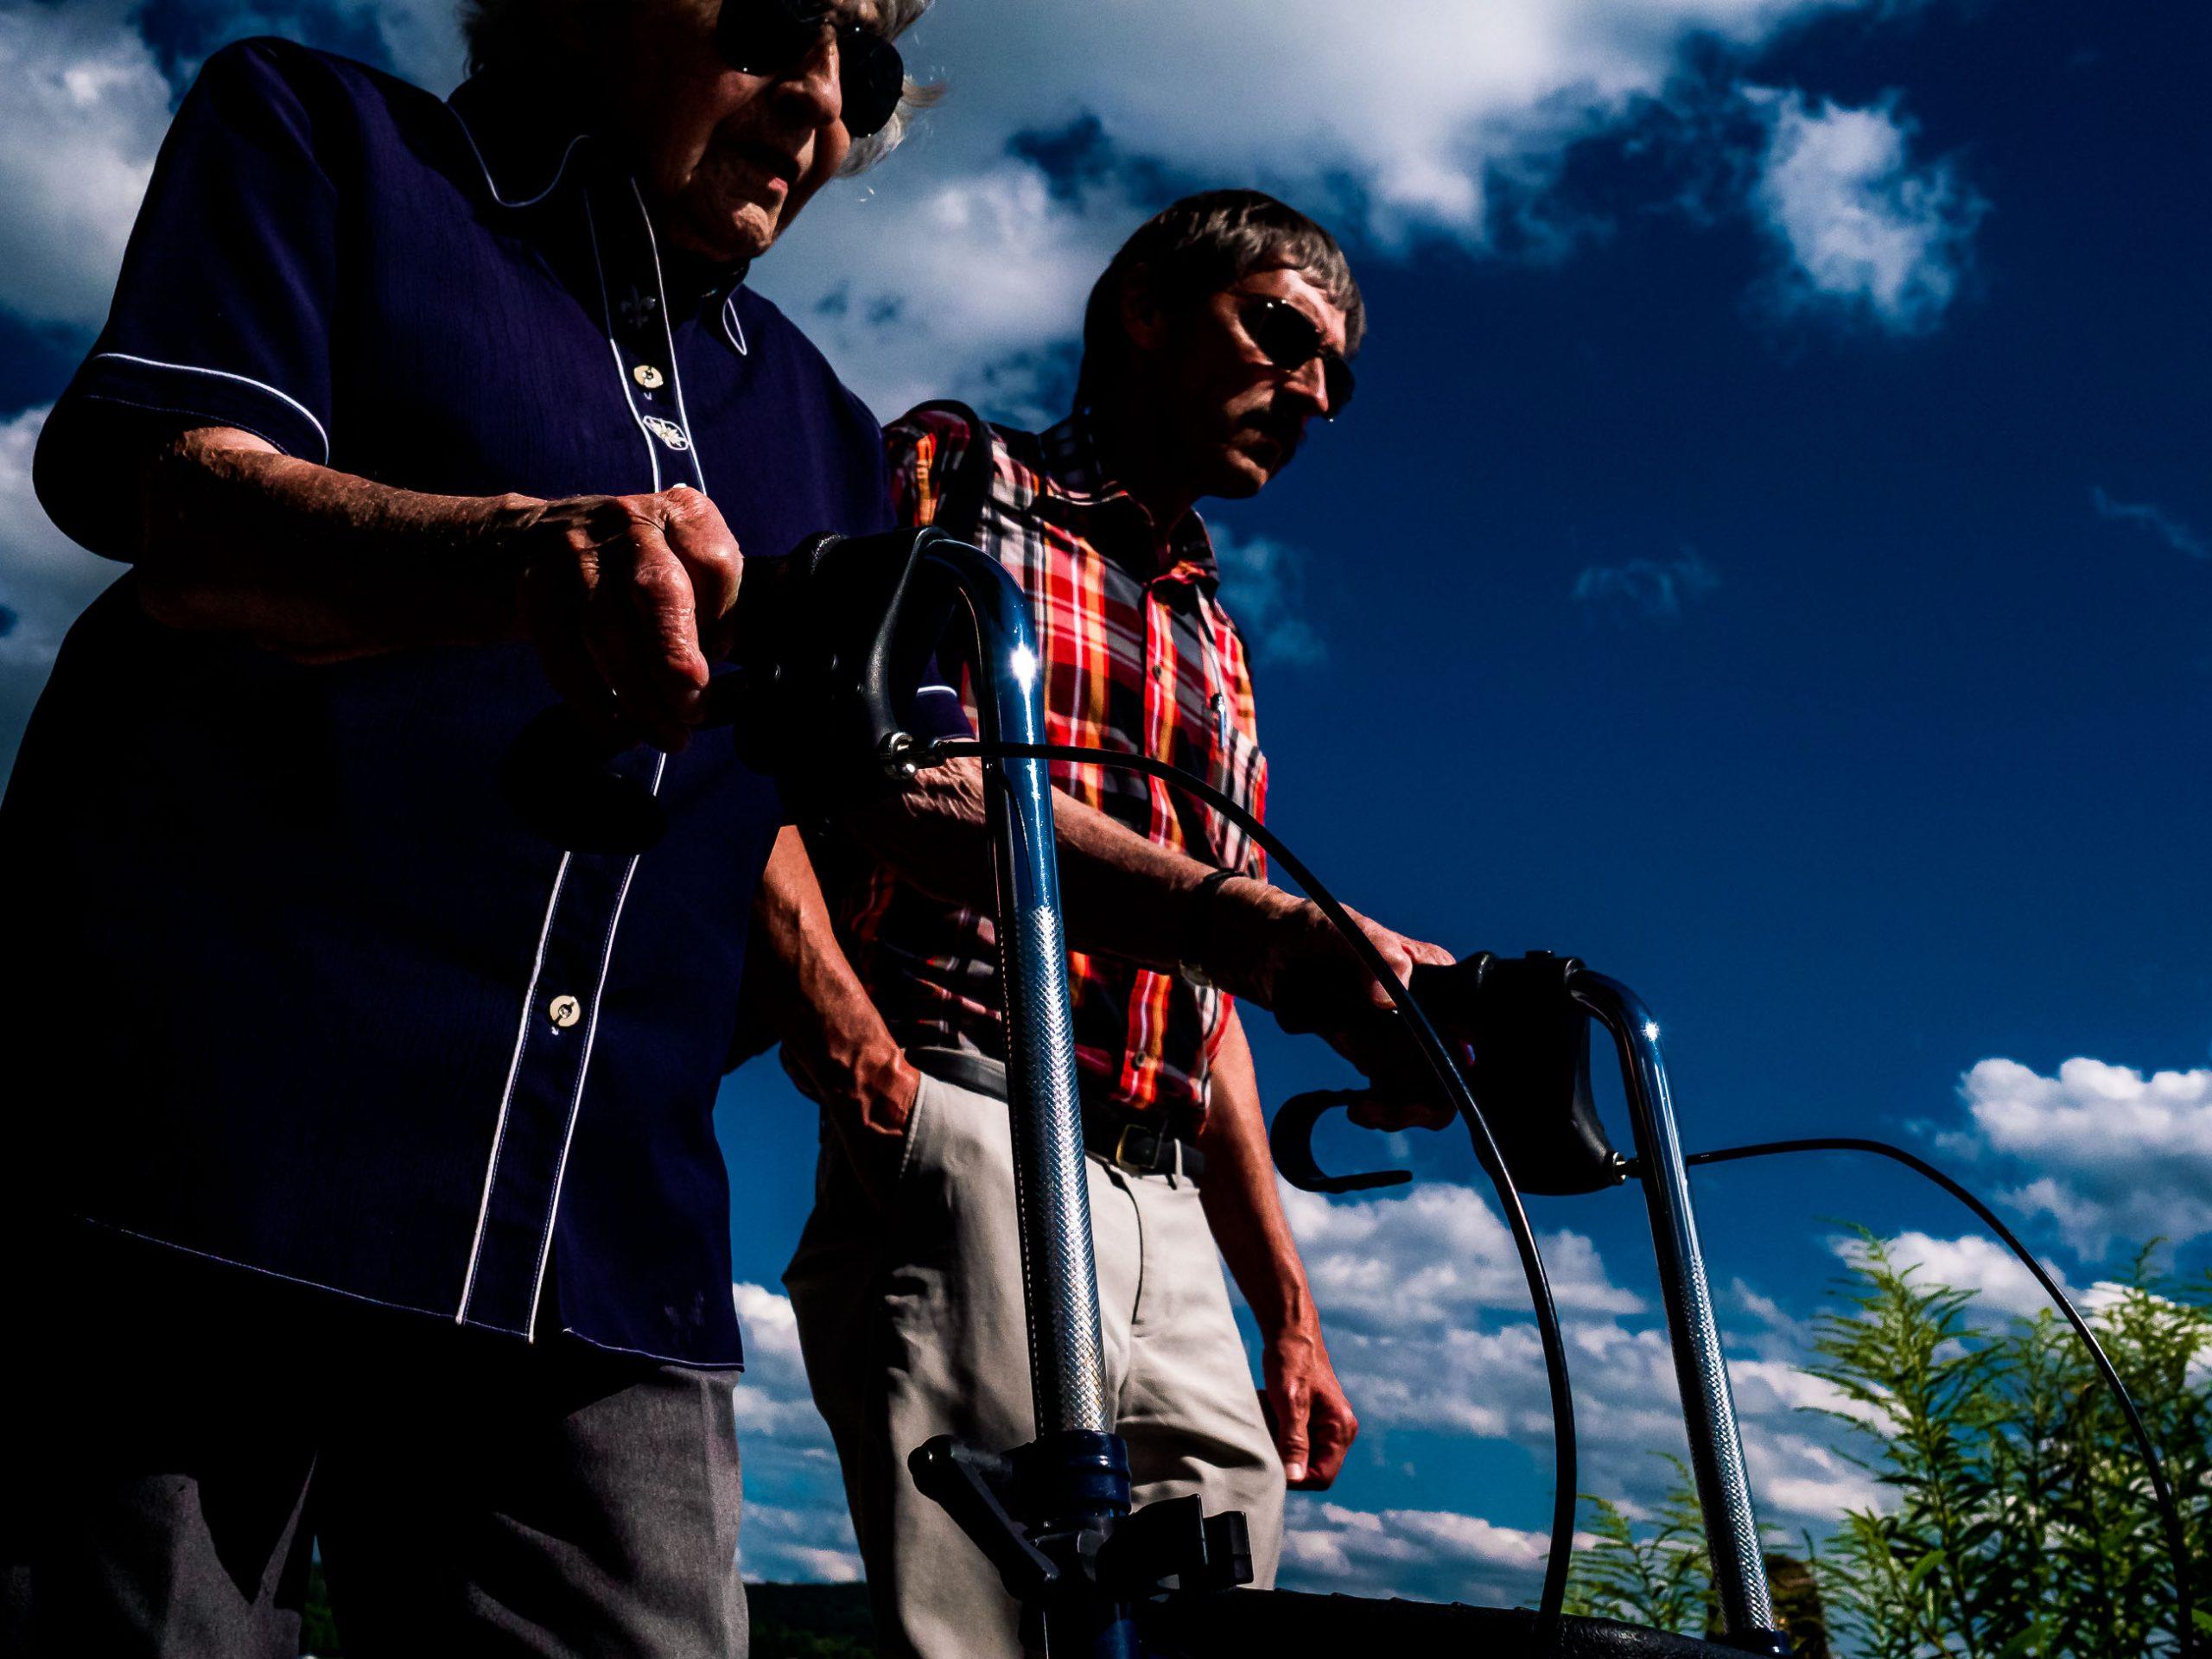 Älteres Paar an der PromenadeMenschen auf der Strandpromenade in Starnberg am See in Bayern,